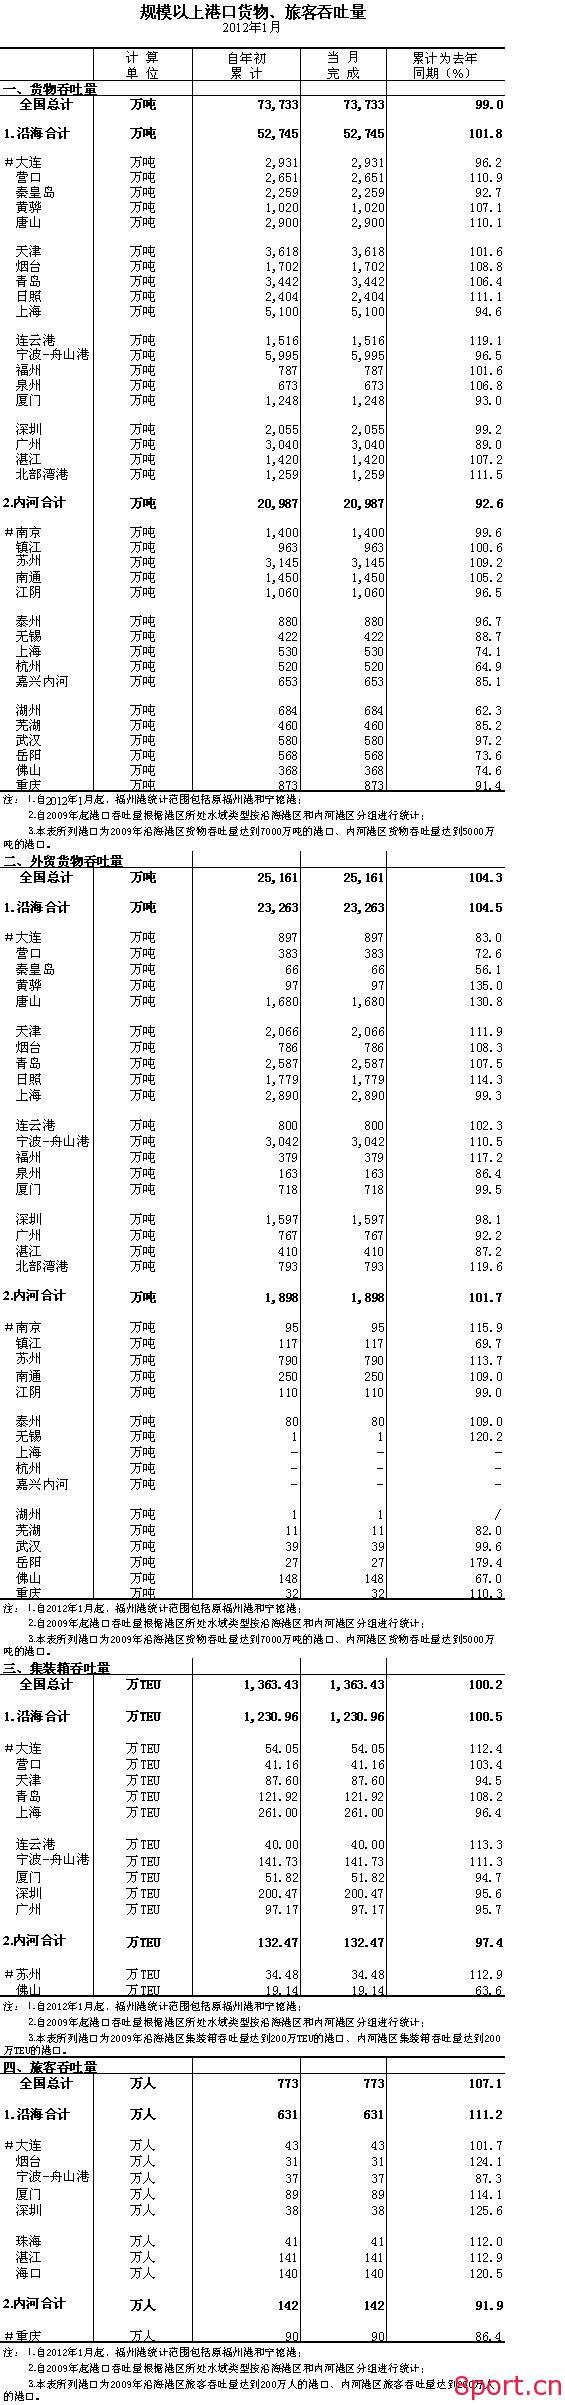 2012年1月规模以上港口货物、旅客吞吐量-港口技术安全网